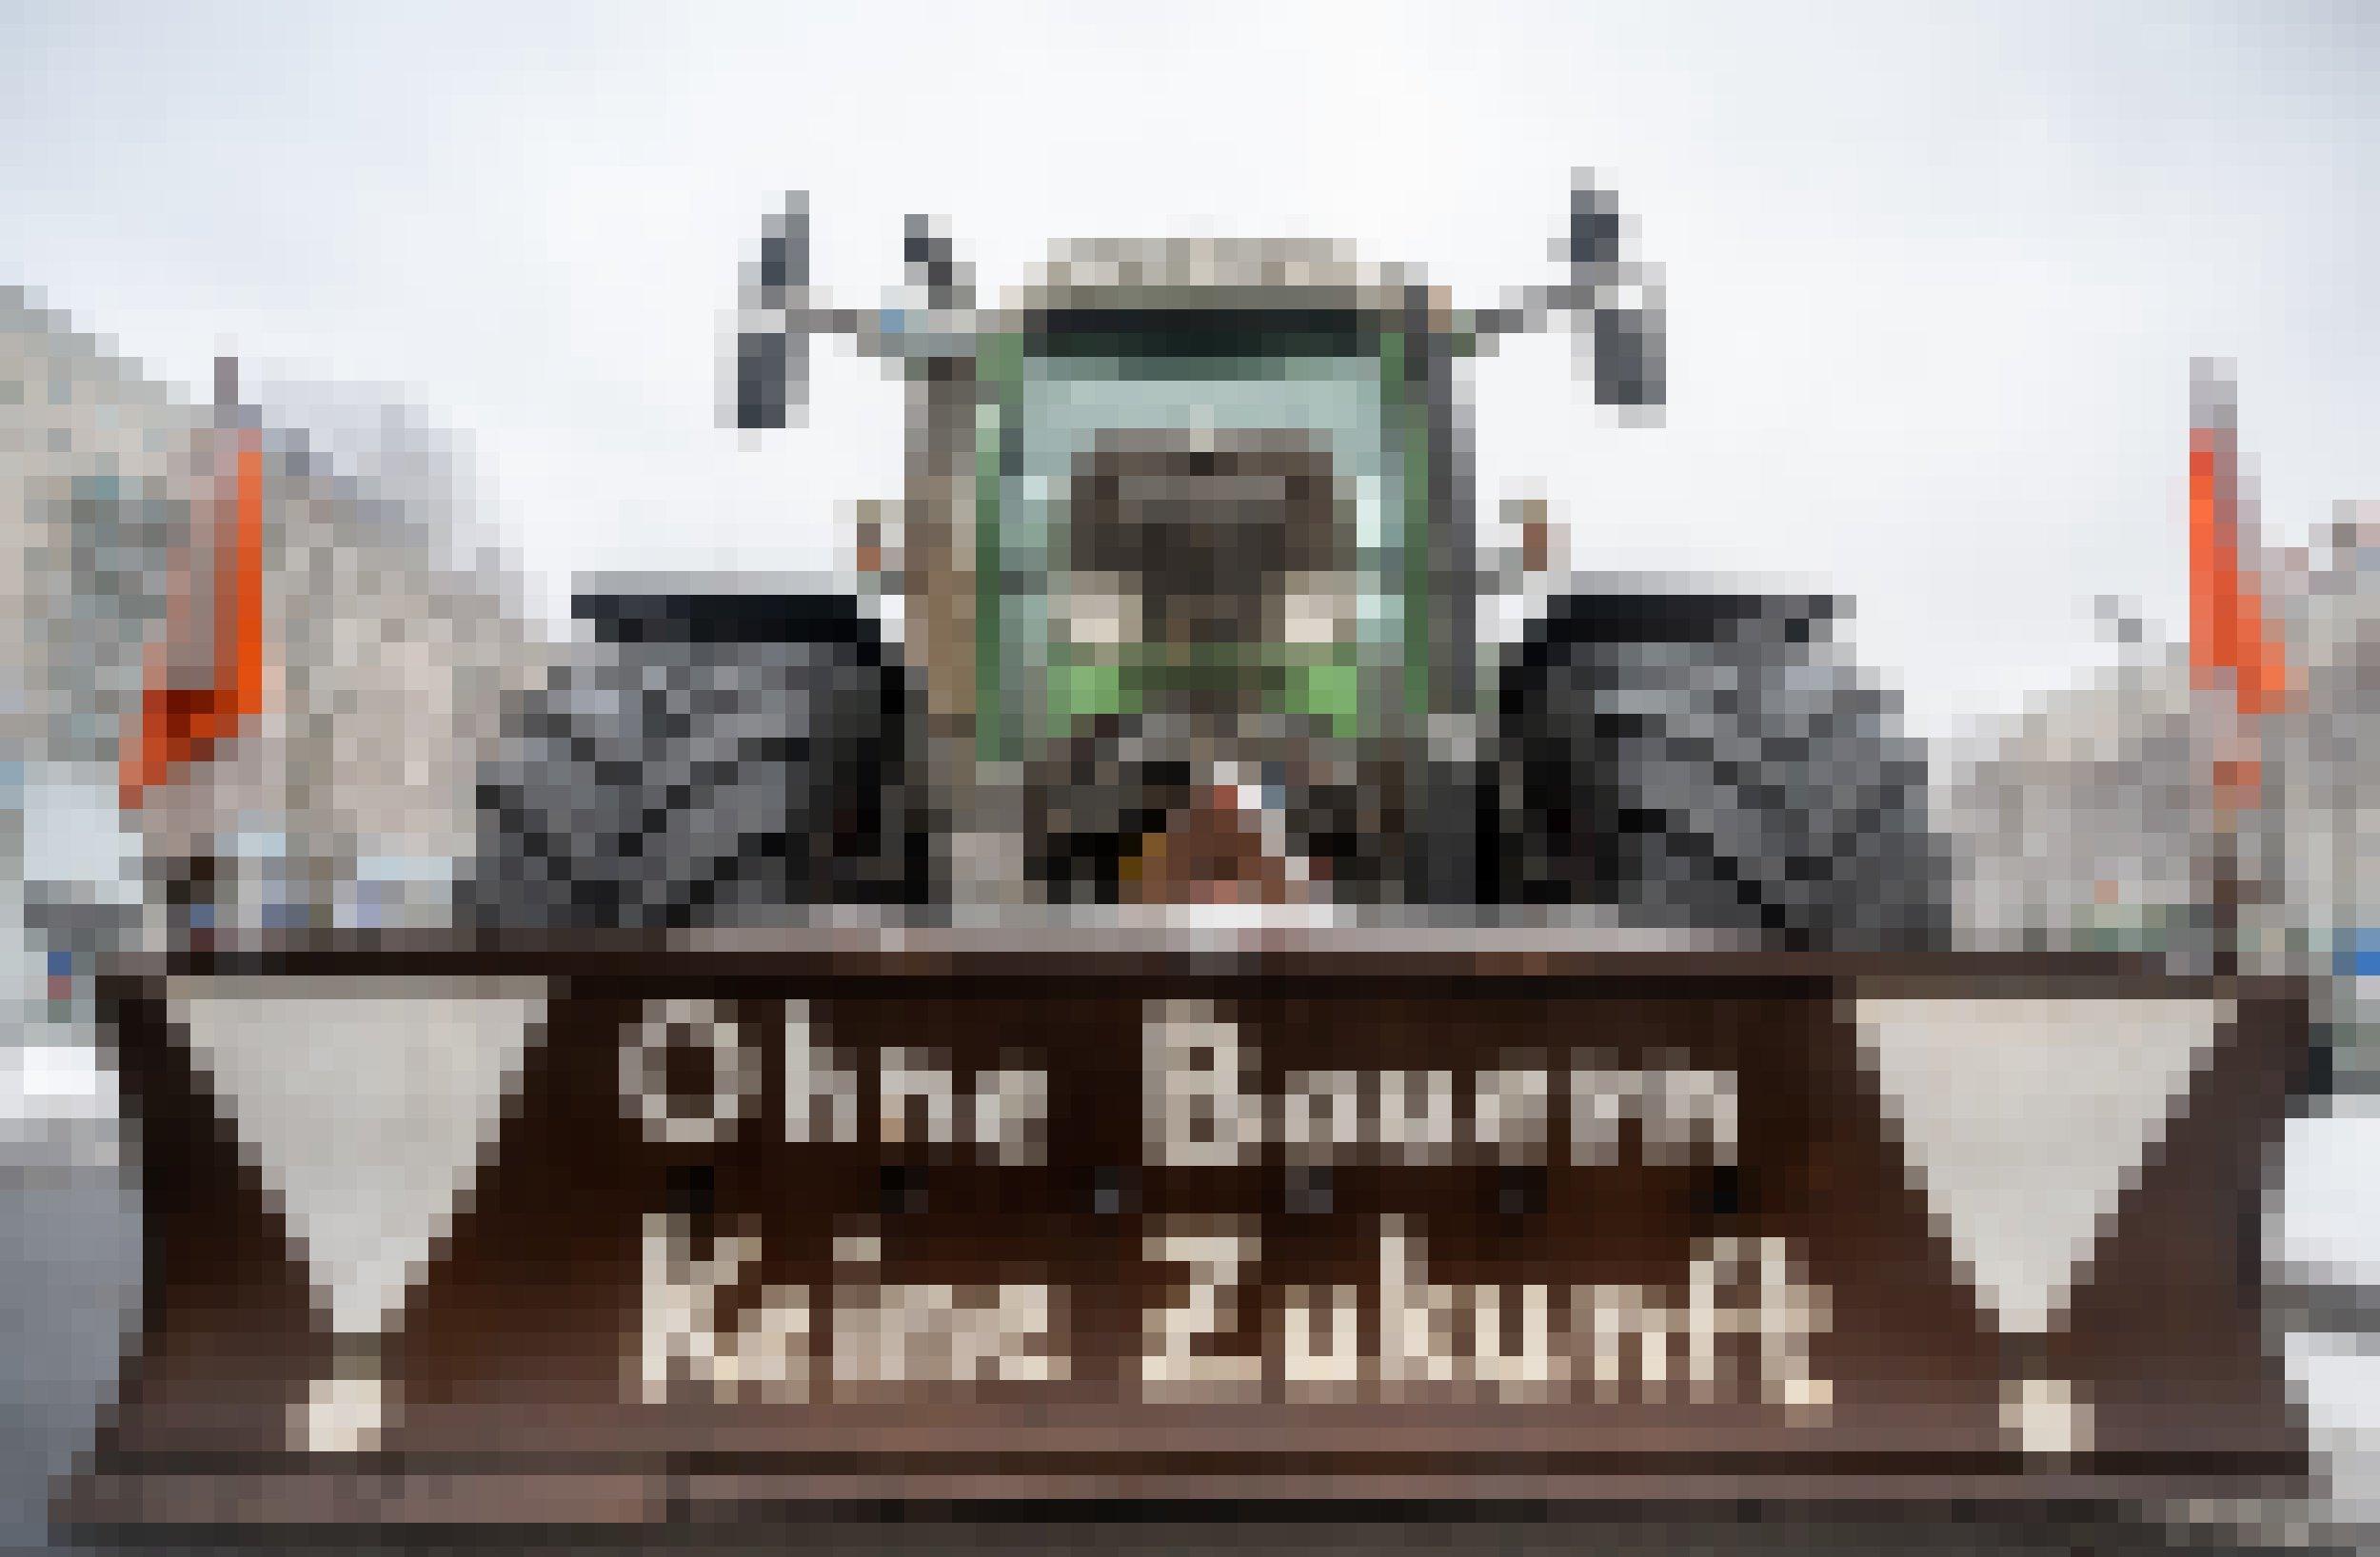 """Auf einem Räumschild an einem Traktor steht """"Ohne Bauern Keine Zukunft"""". Landwirte demonstrieren für höhere Preise für Agrarprodukte und weniger Regulierung."""